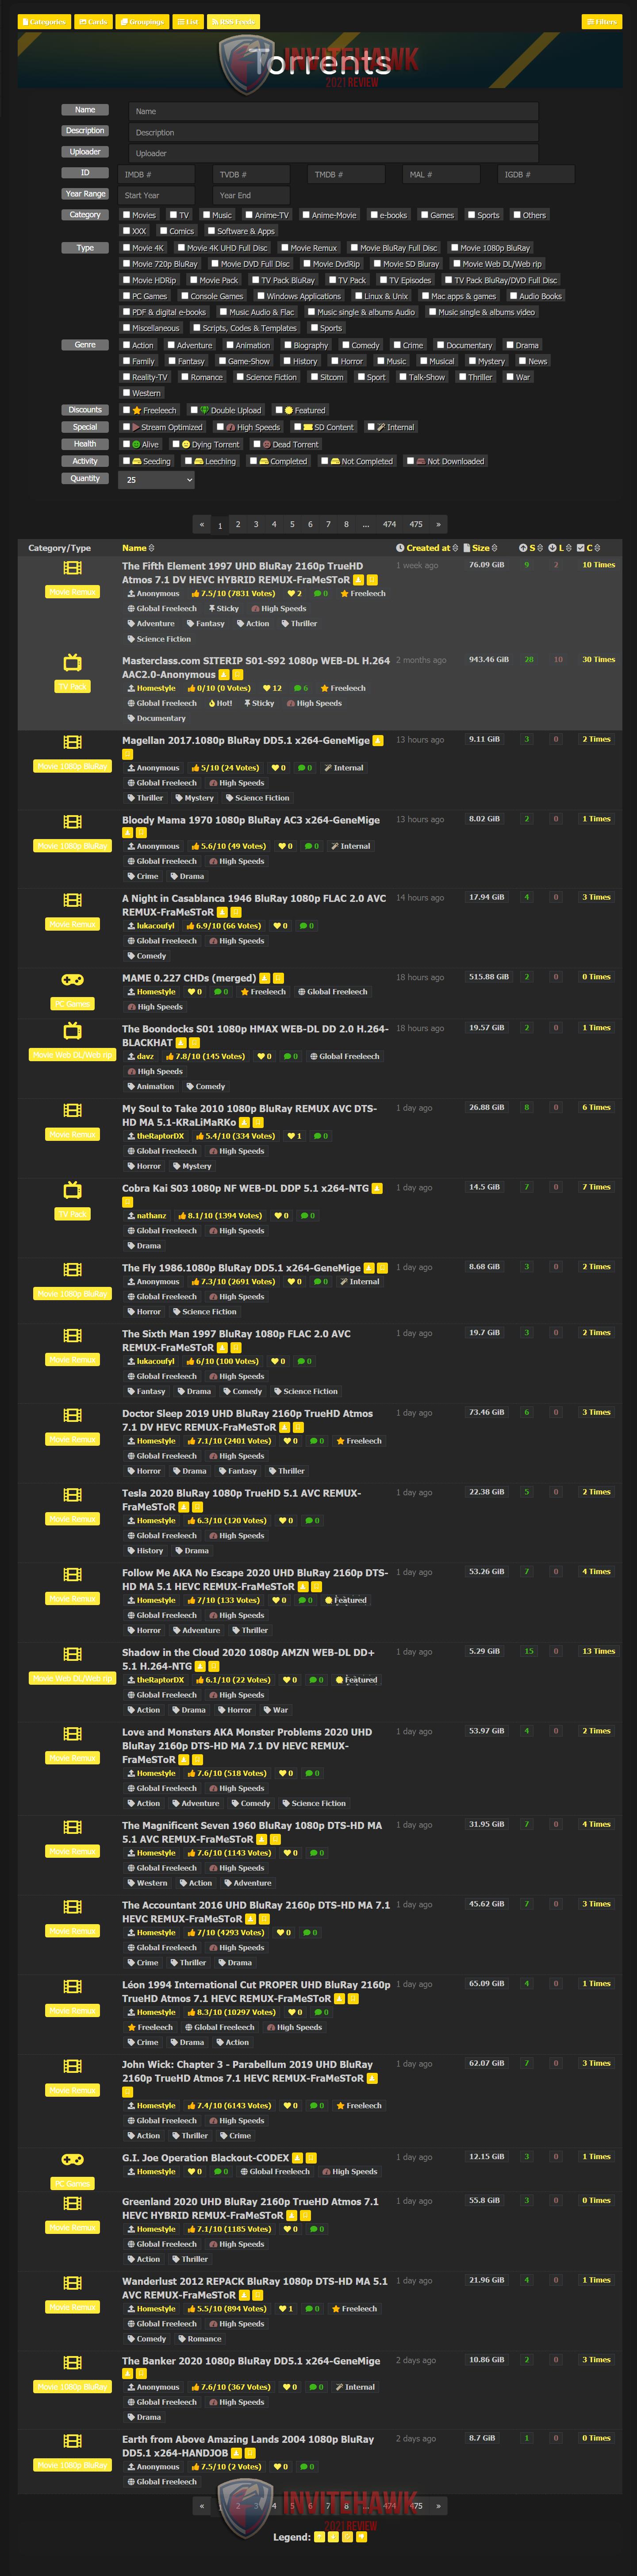 cat-torrents.png